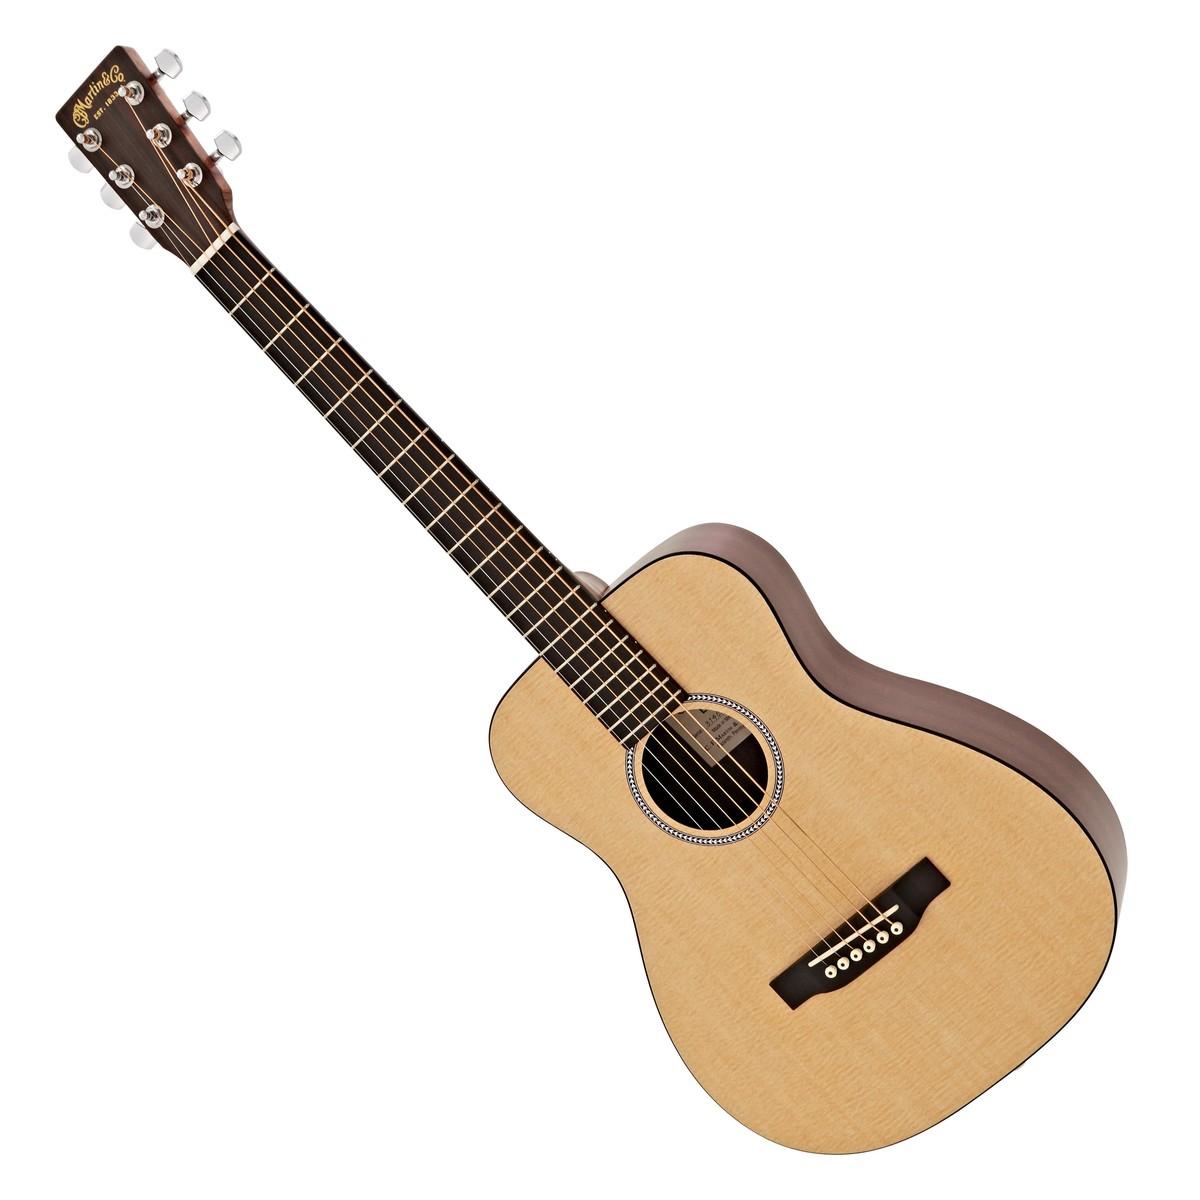 martin lxm little martin guitar left handed at gear4music. Black Bedroom Furniture Sets. Home Design Ideas